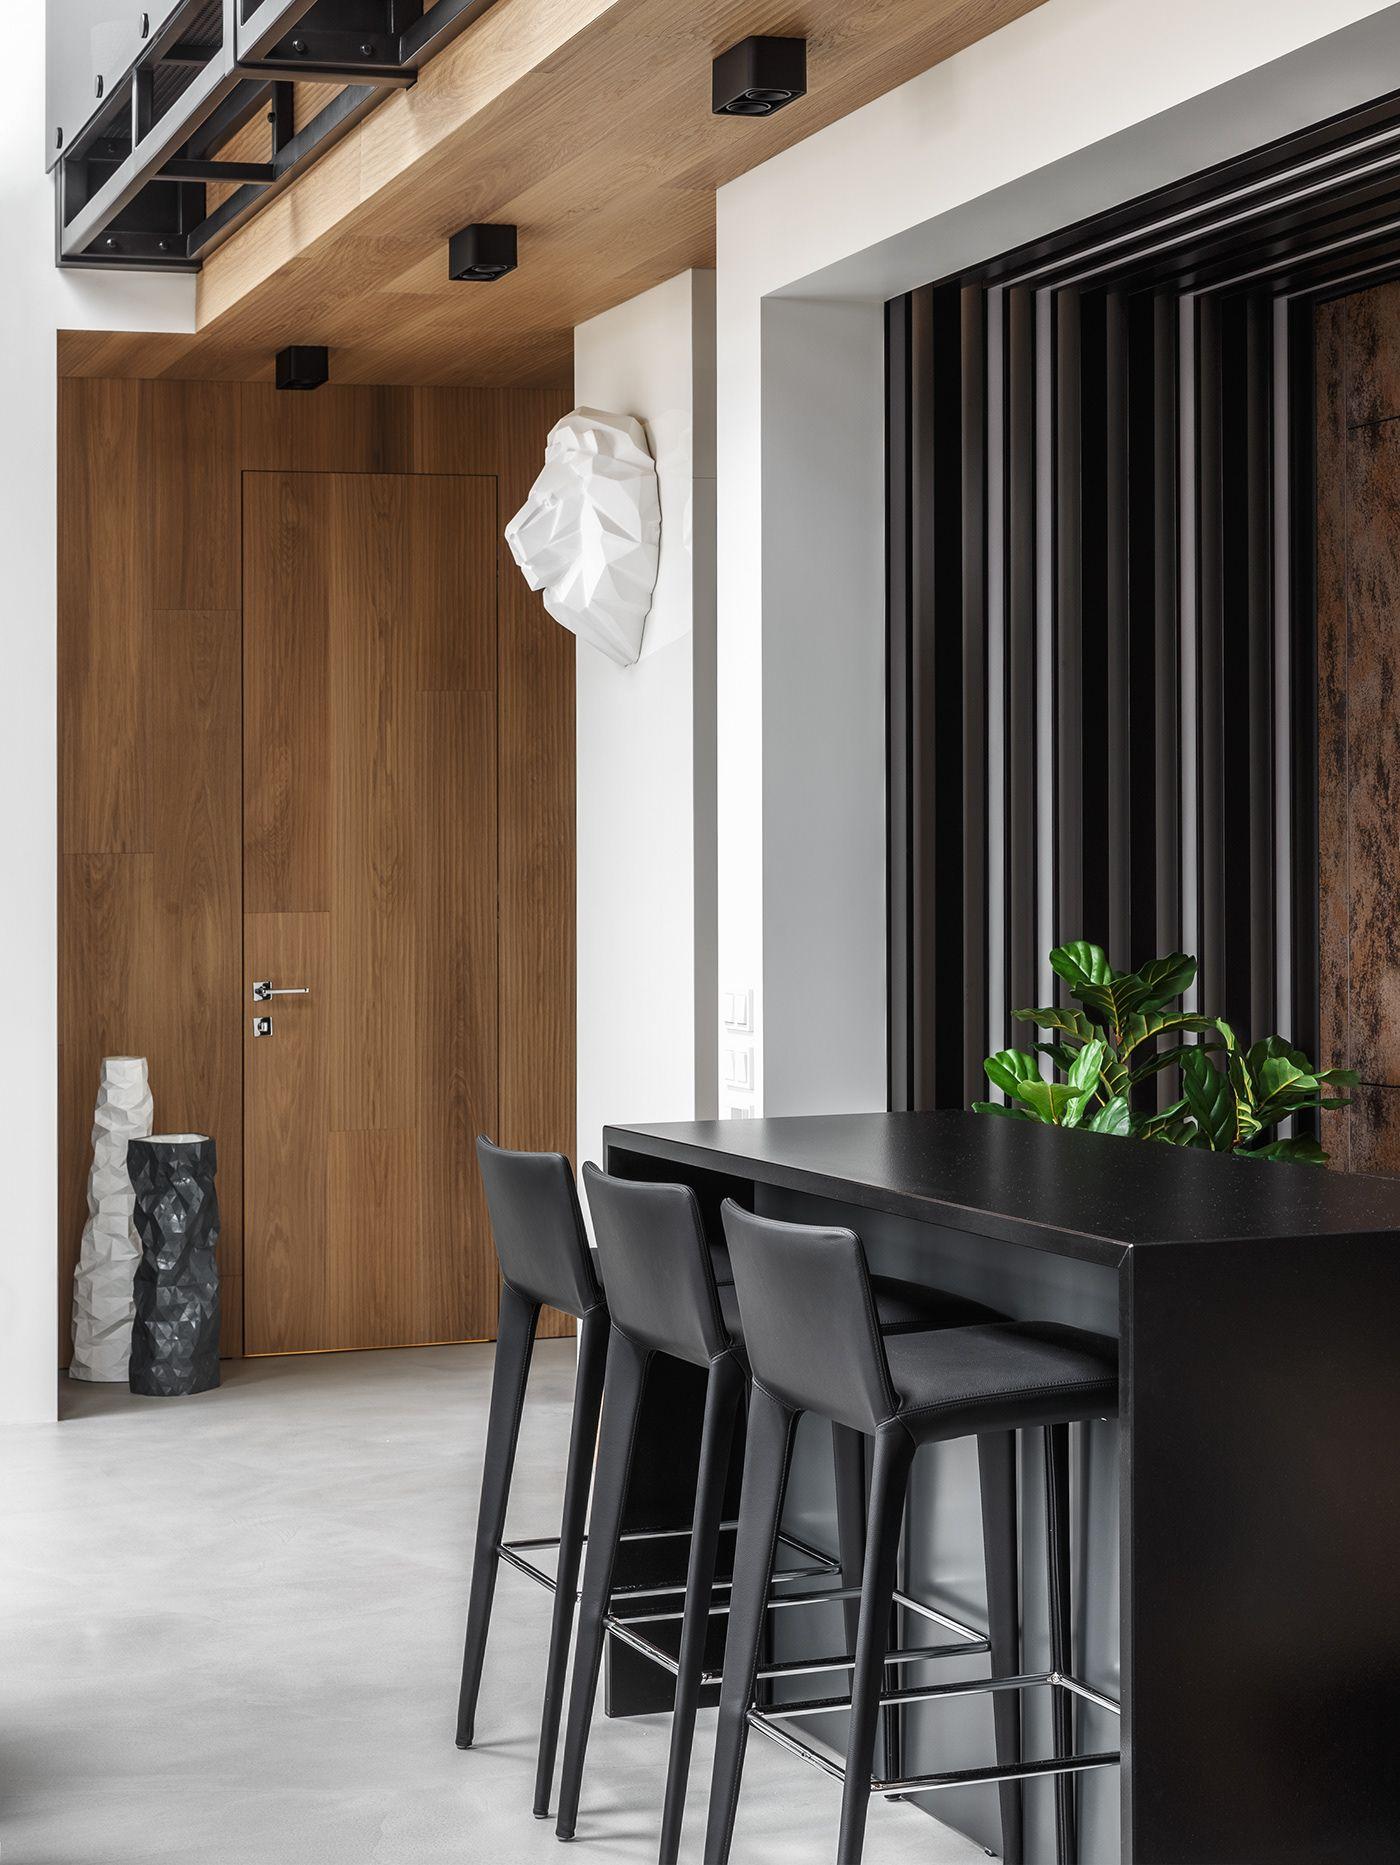 Loft Apartments On Behance